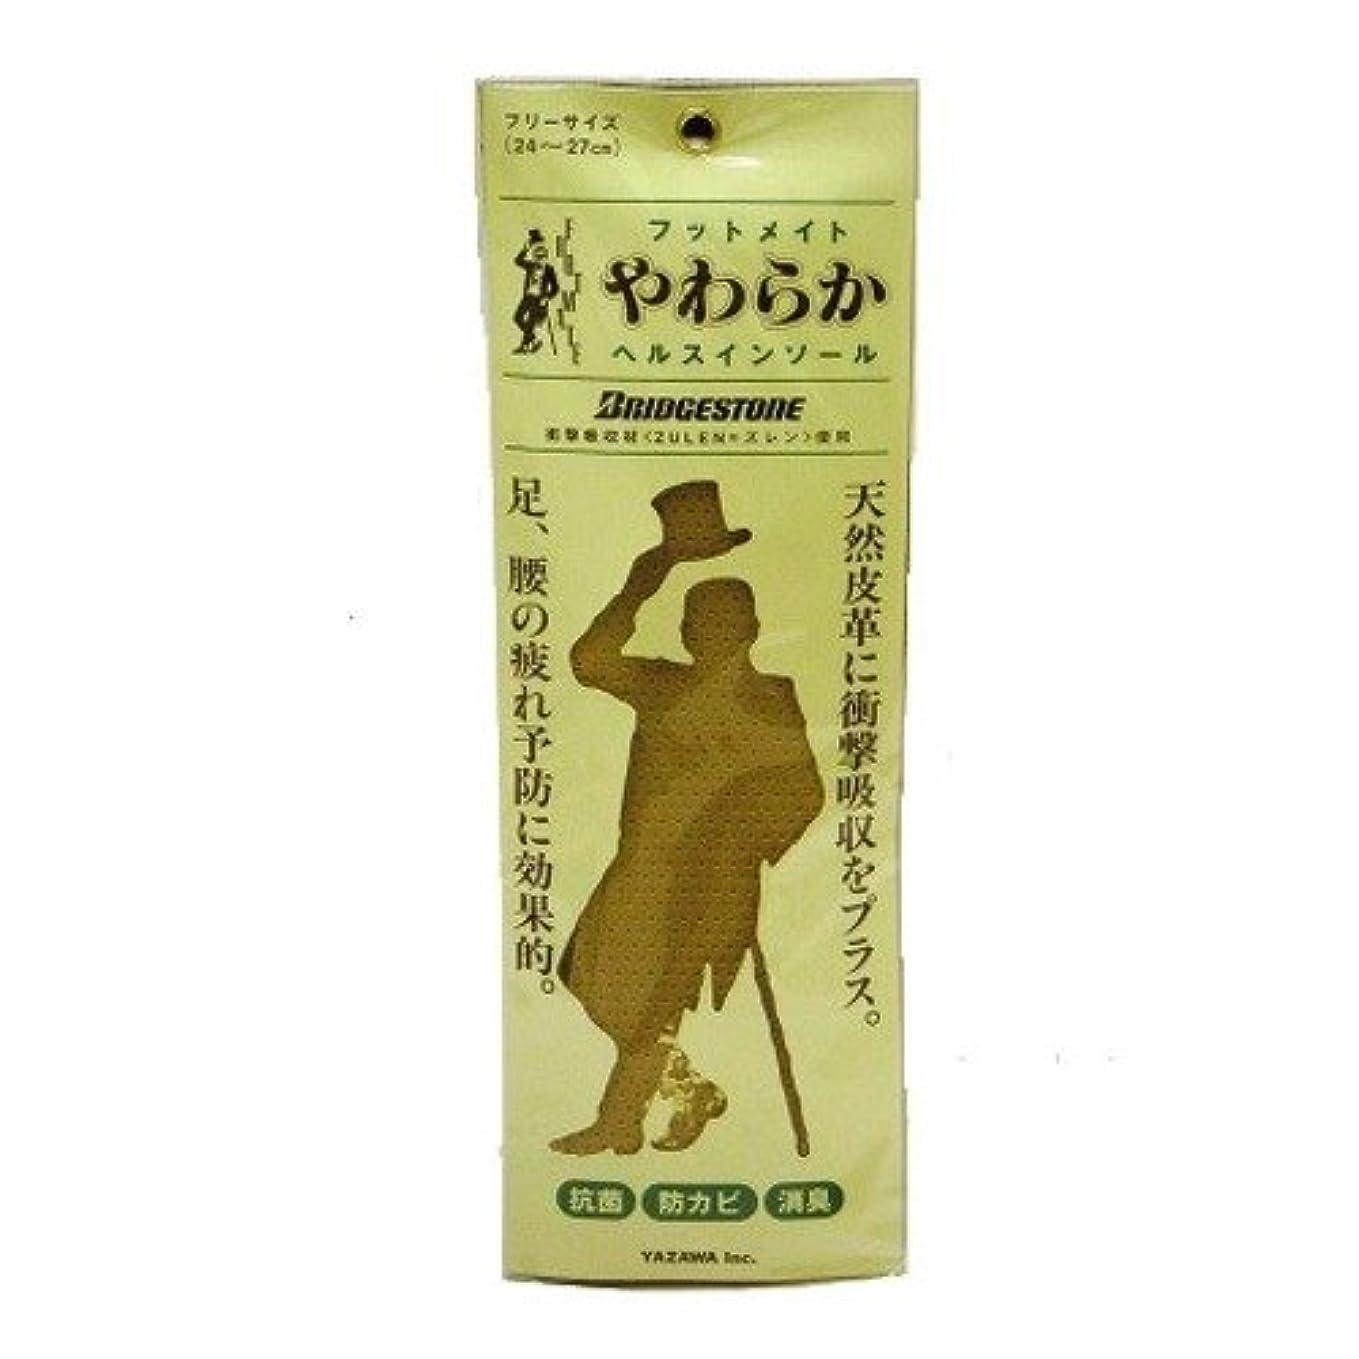 基礎血統法王矢澤 フットメイトやわらかヘルスインソール 24?27cm